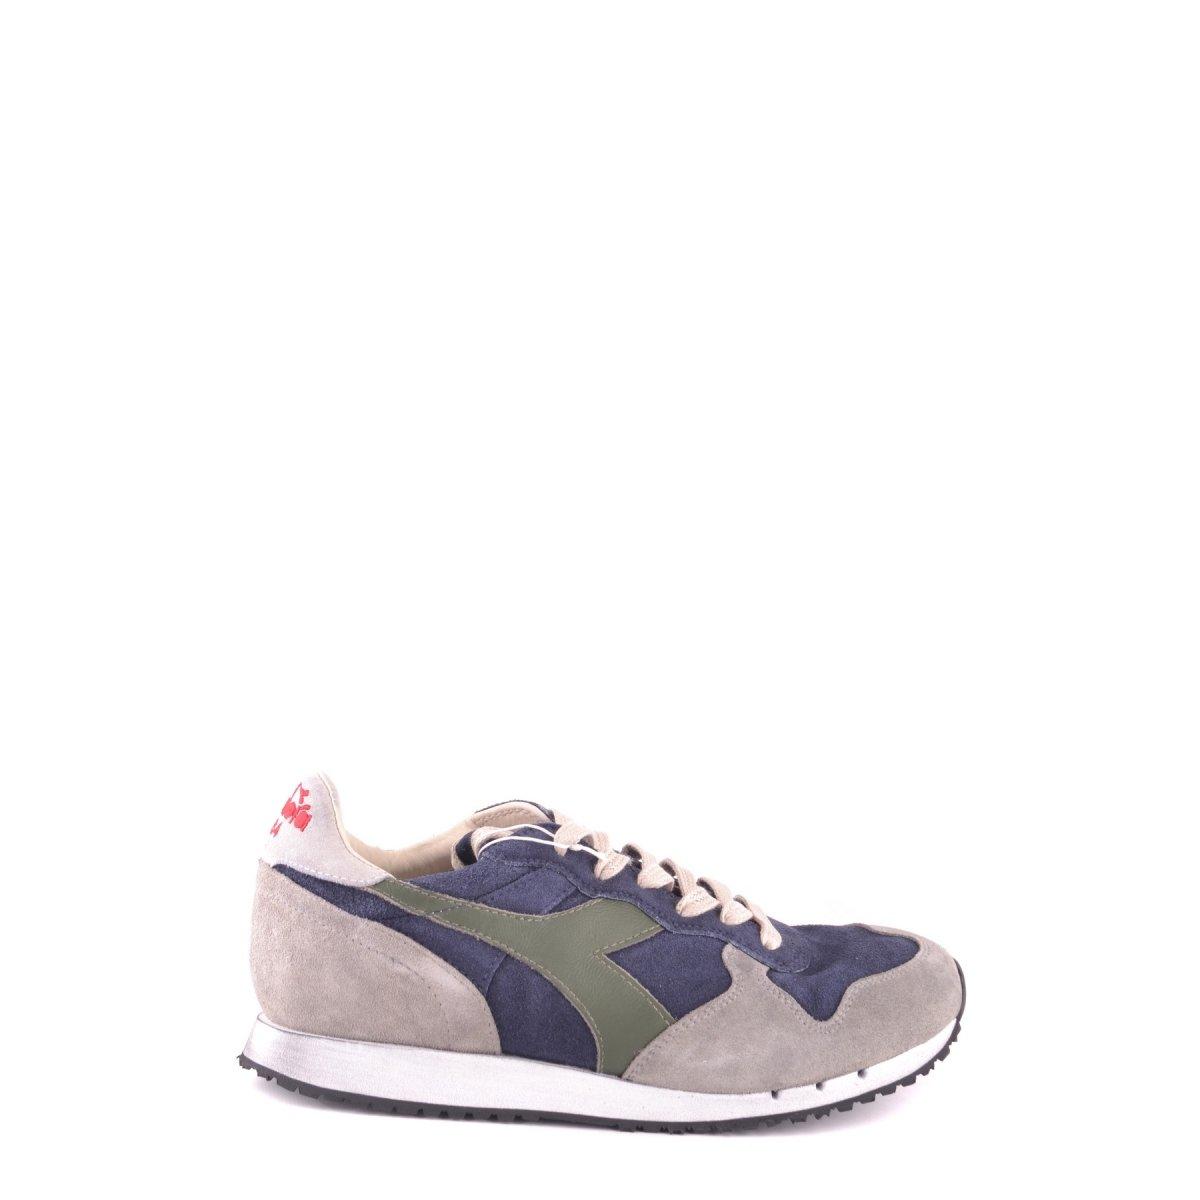 Diadora Heritage - Sneakers MI Basket Used para Hombre y Mujer 41 EU Multicolor